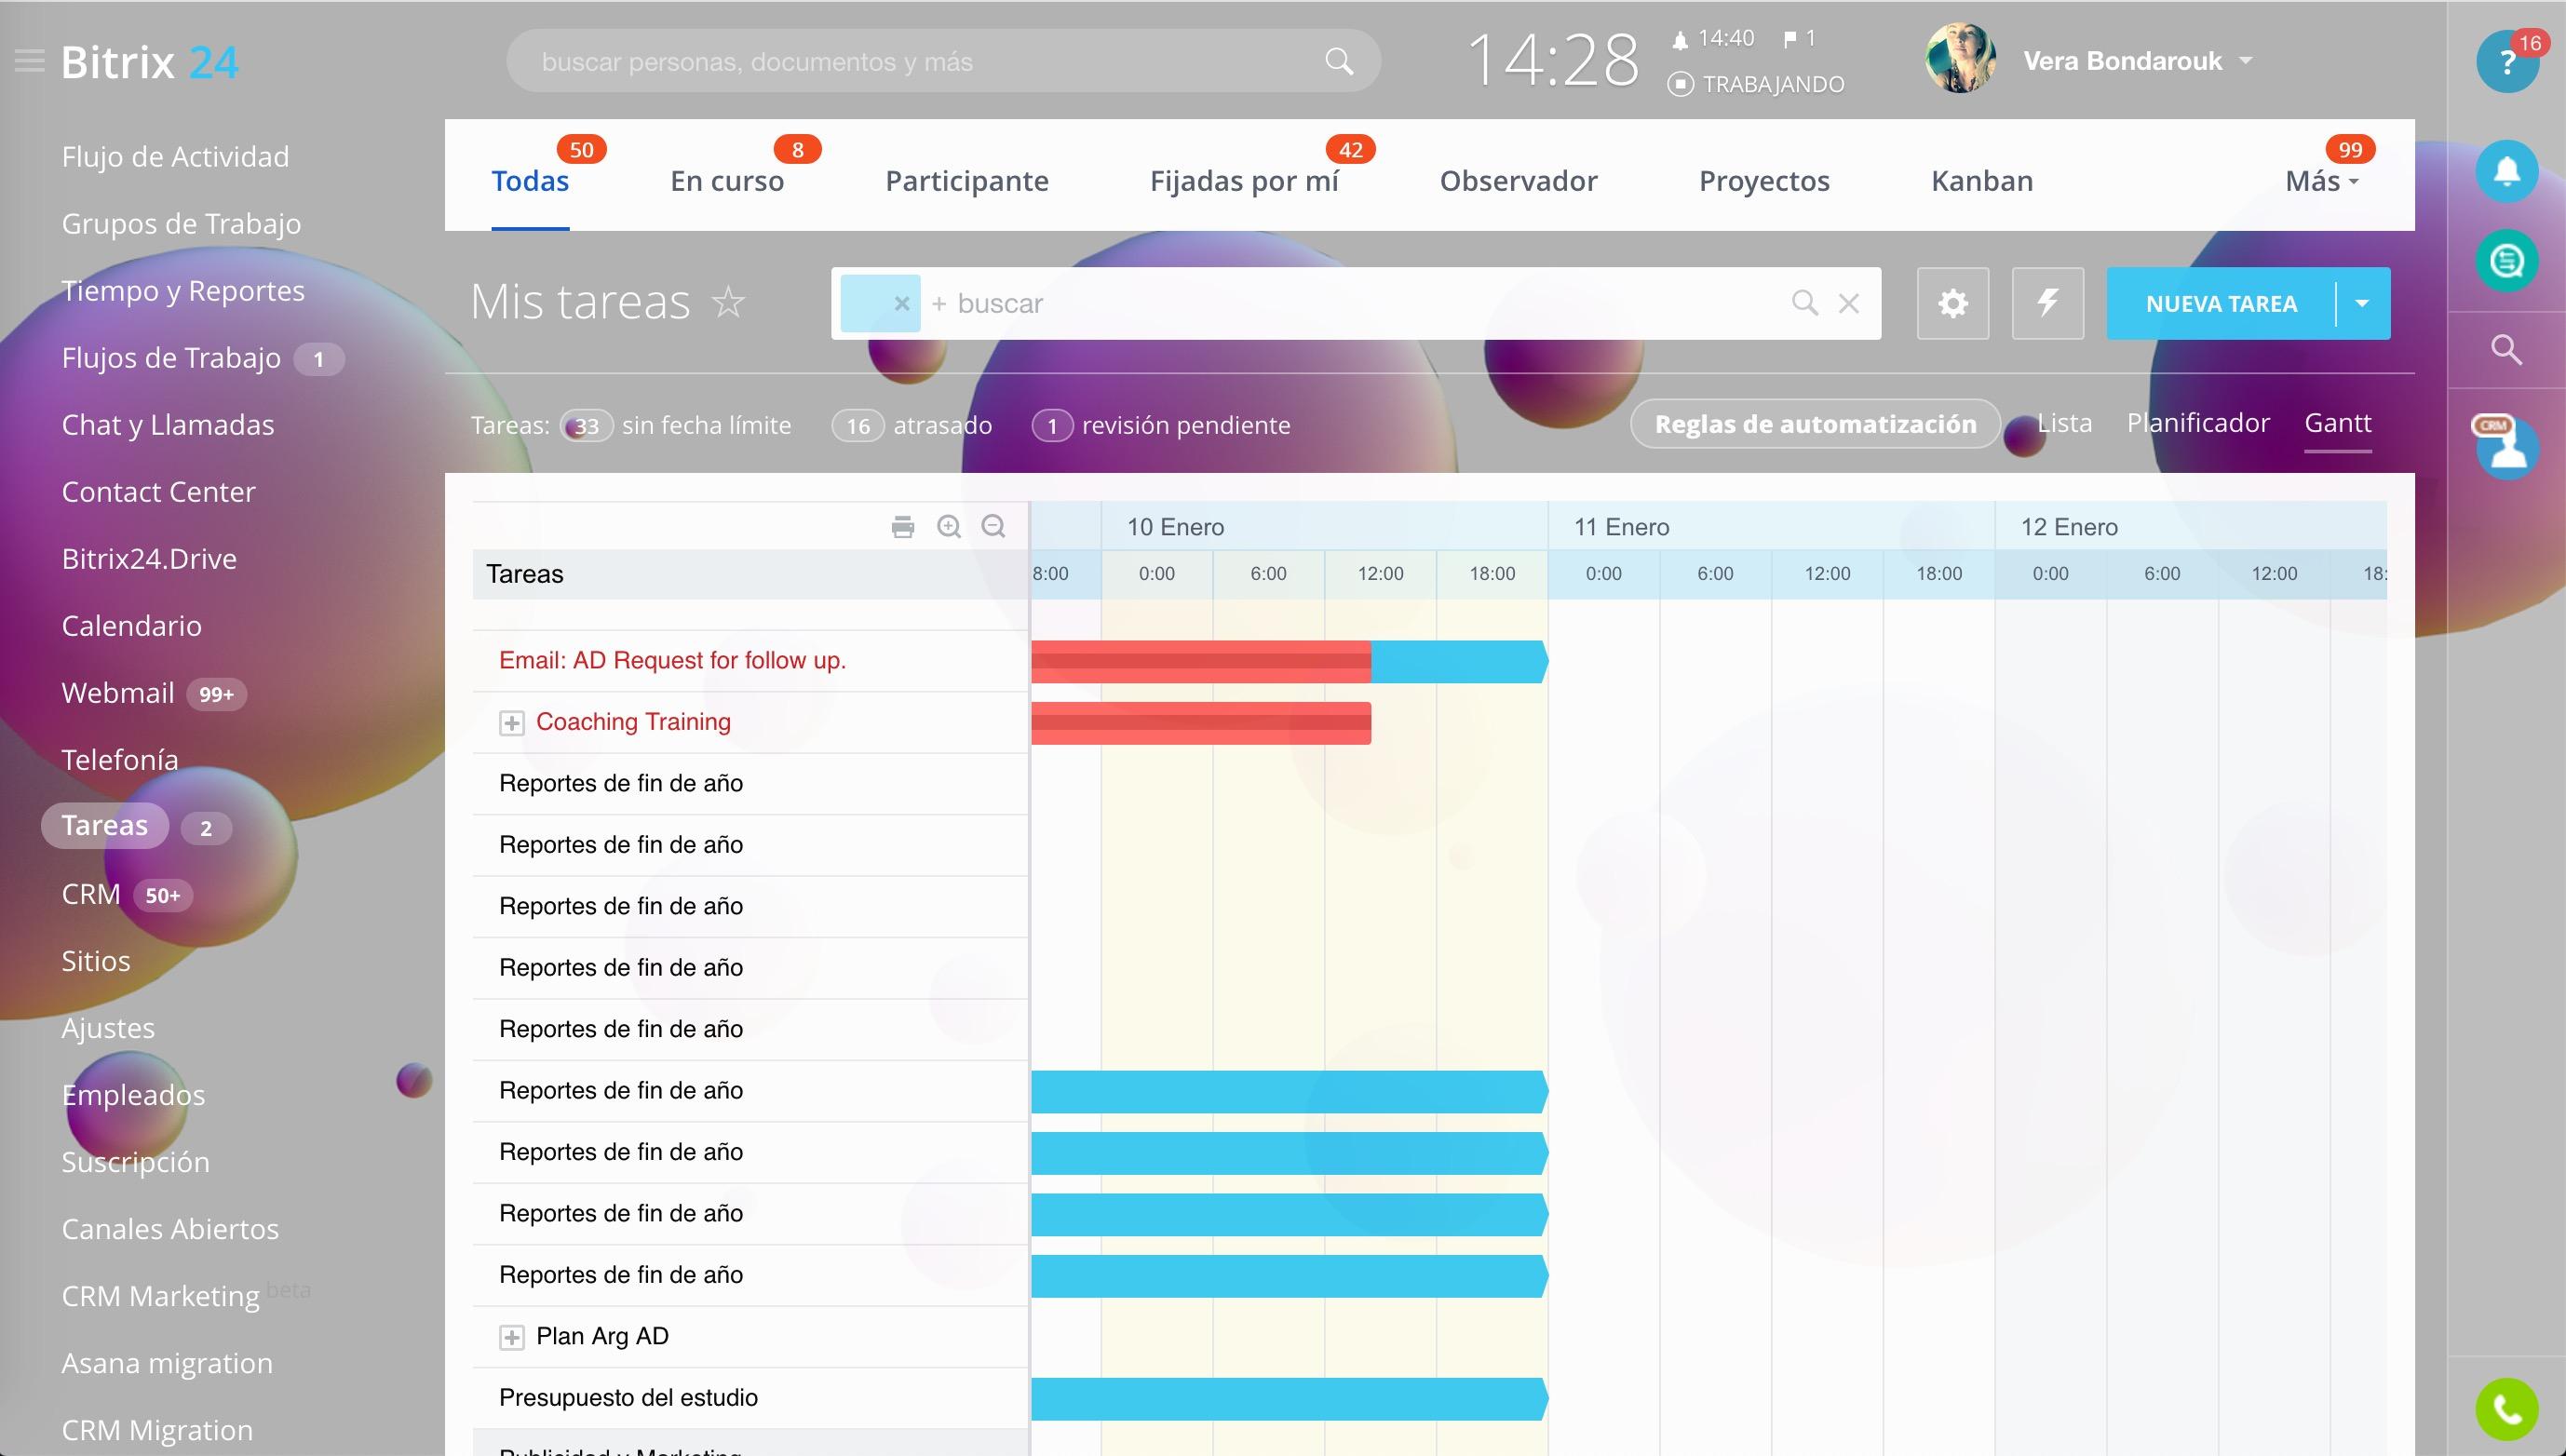 Imprima el Diagrama de Gantt, el Calendario o cualquier otra página de Bitrix24